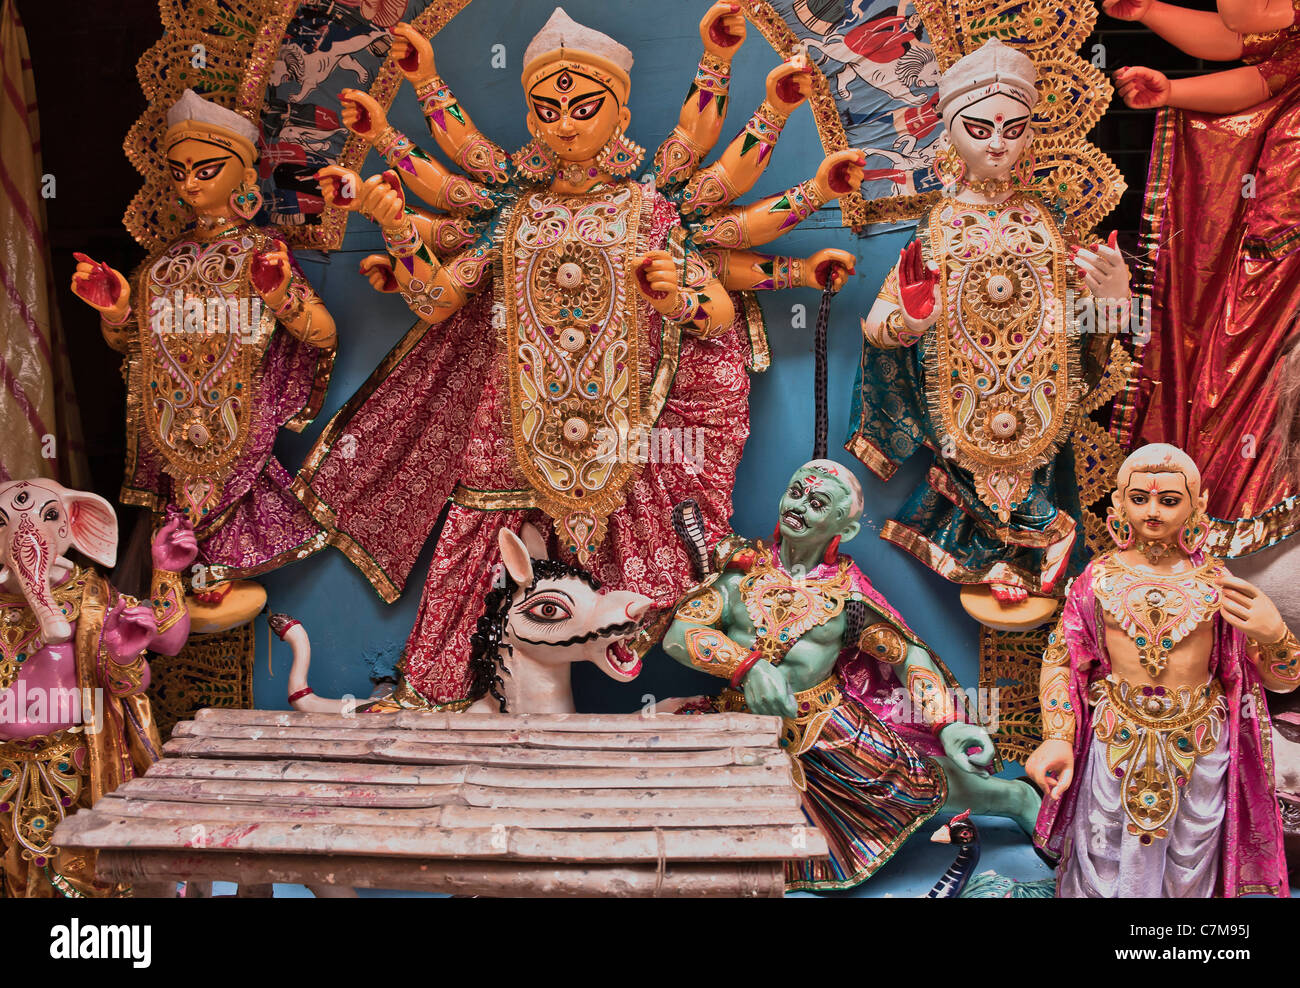 Cara de león,la diosa Durga,sus compañeros,en una plataforma. Imagen De Stock